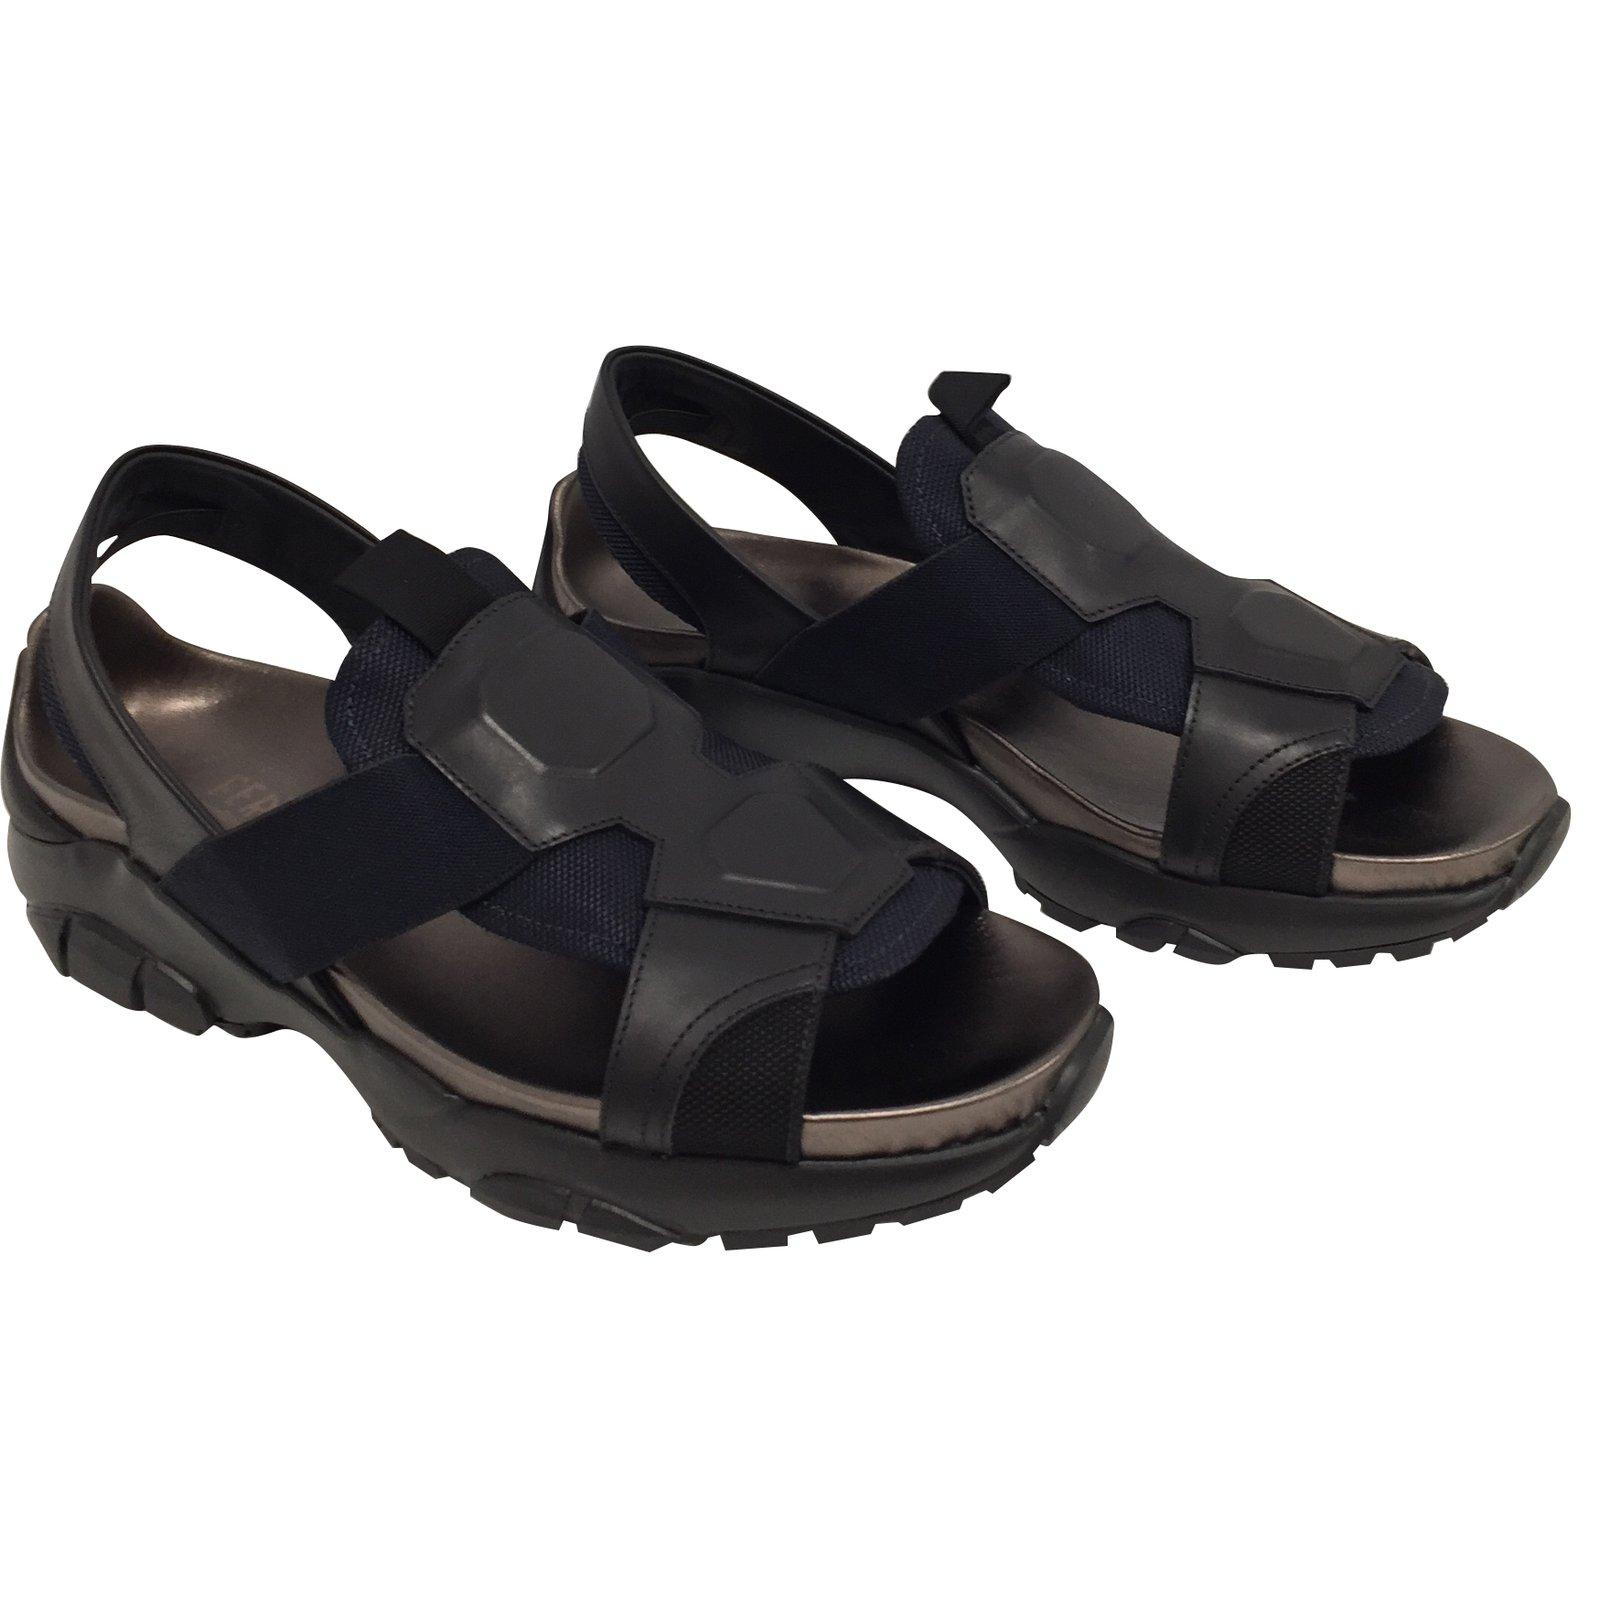 5ea032d41081 Salvatore Ferragamo Men Sandals Men Sandals Leather Multiple colors  ref.60155